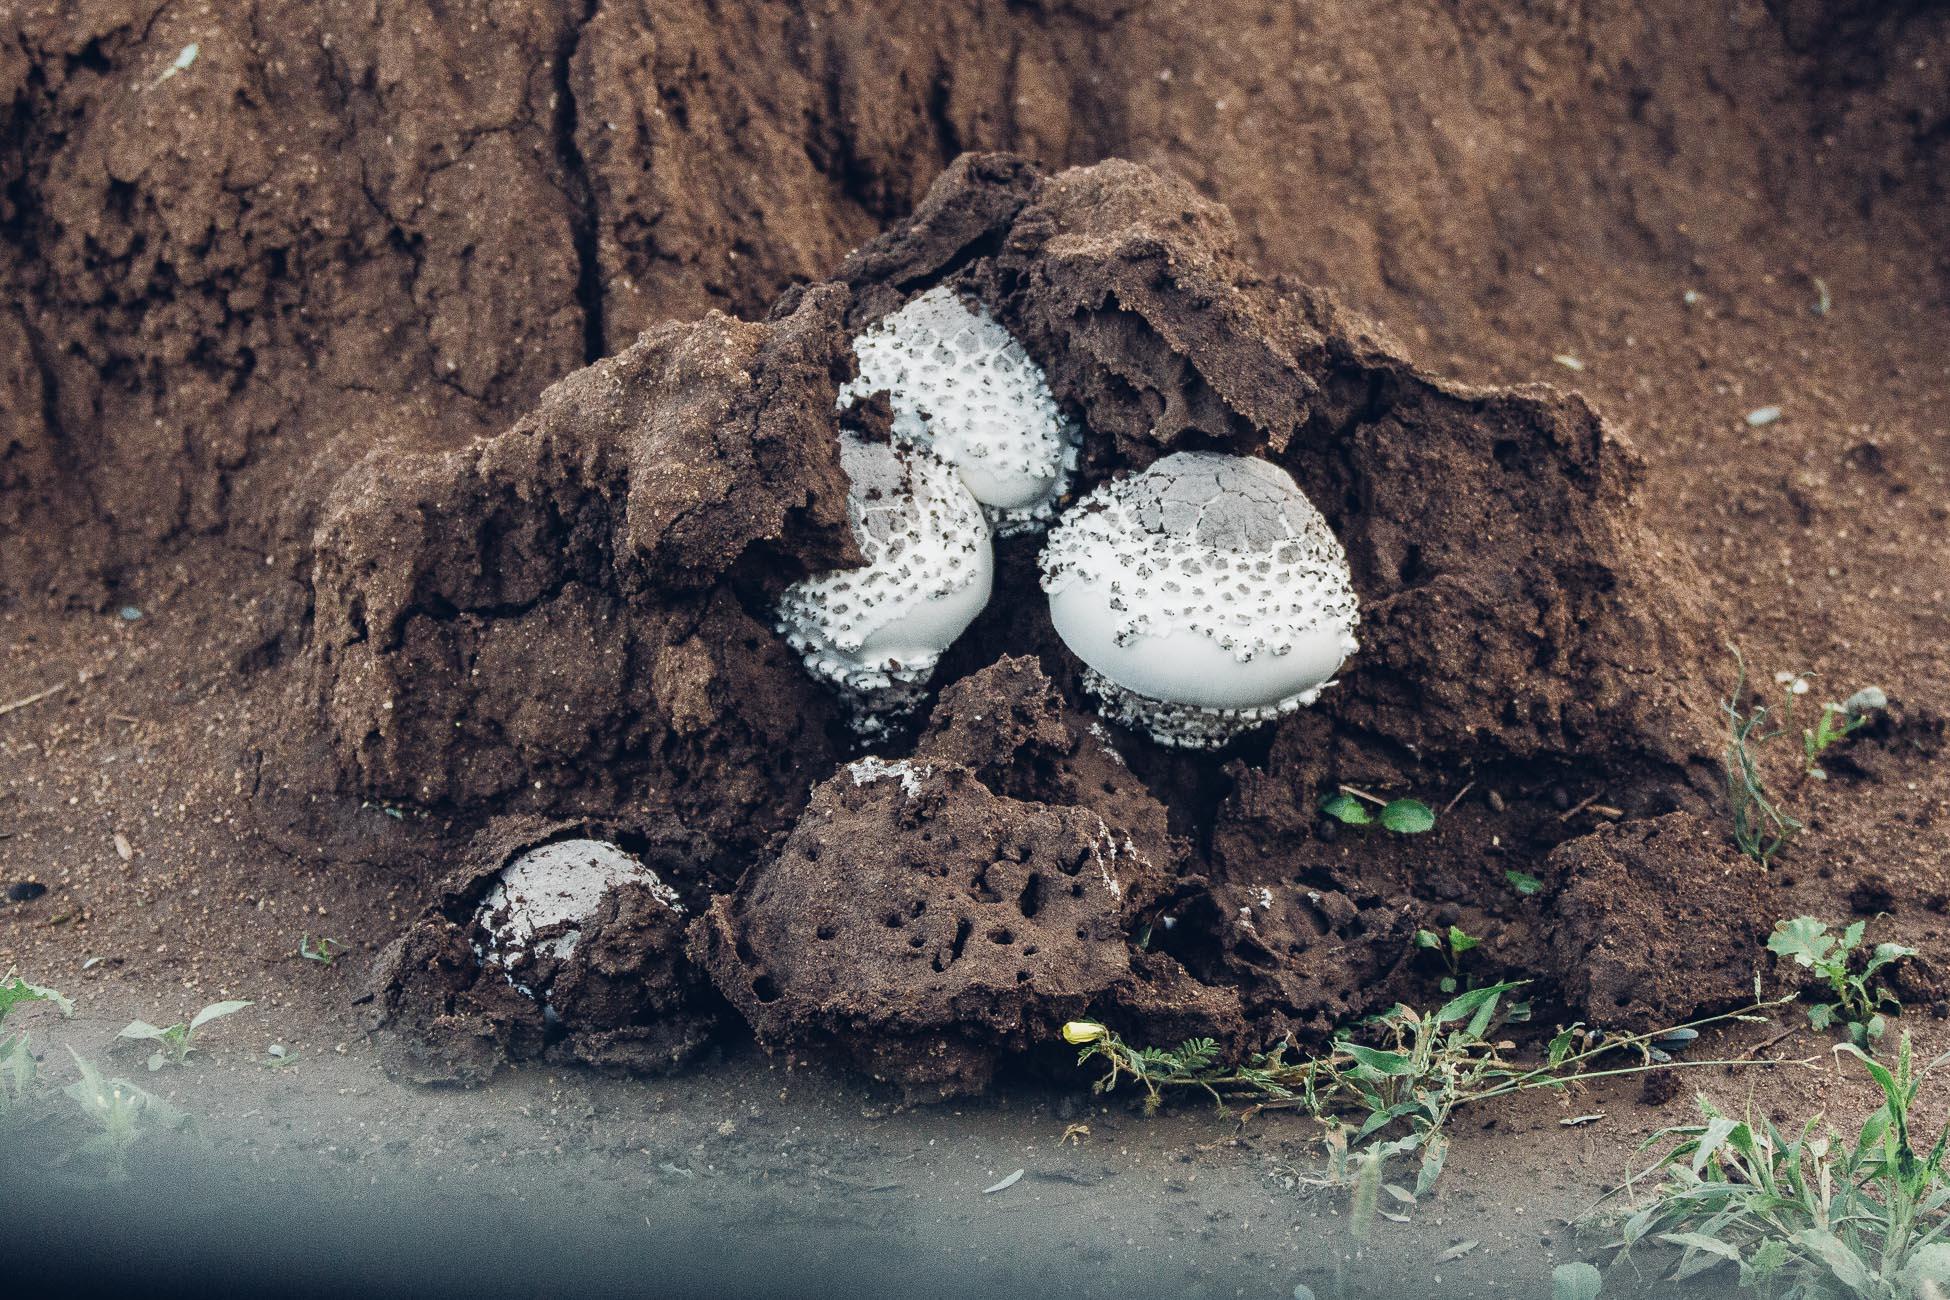 Omajowa Mushrooms at Erindi Private Game Reserve